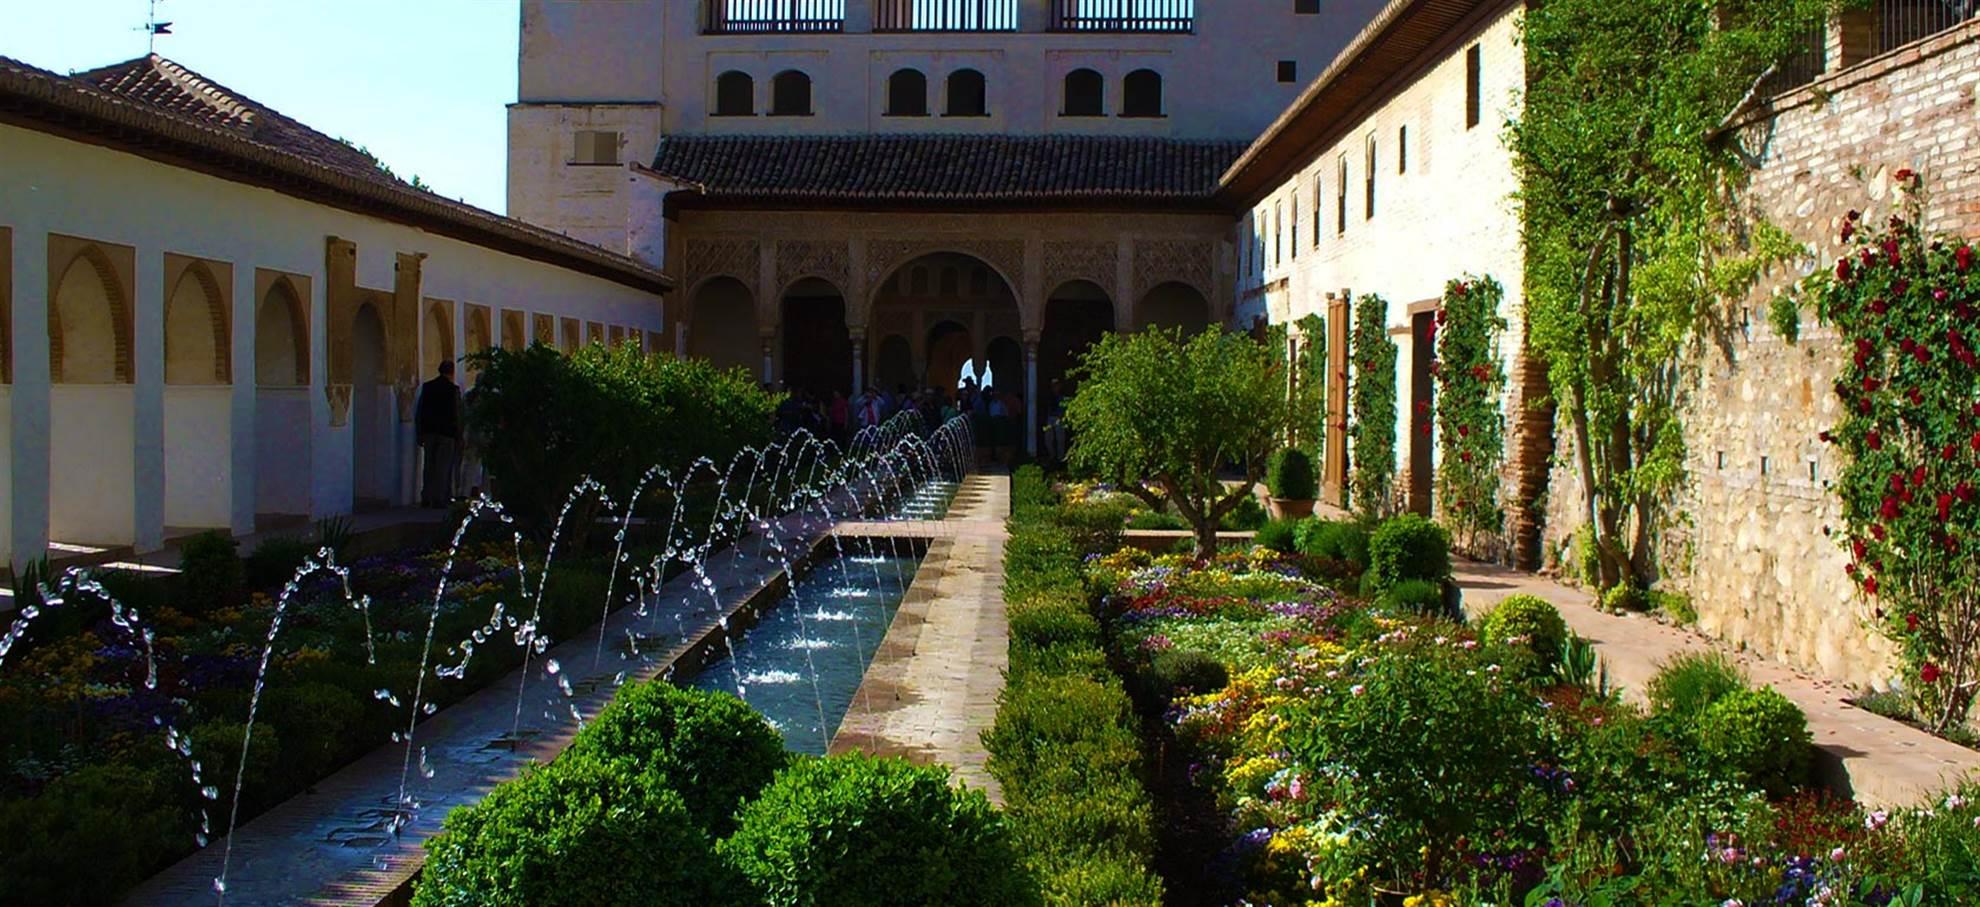 L'Alhambra, Salta la fila + Audioguida in italiano